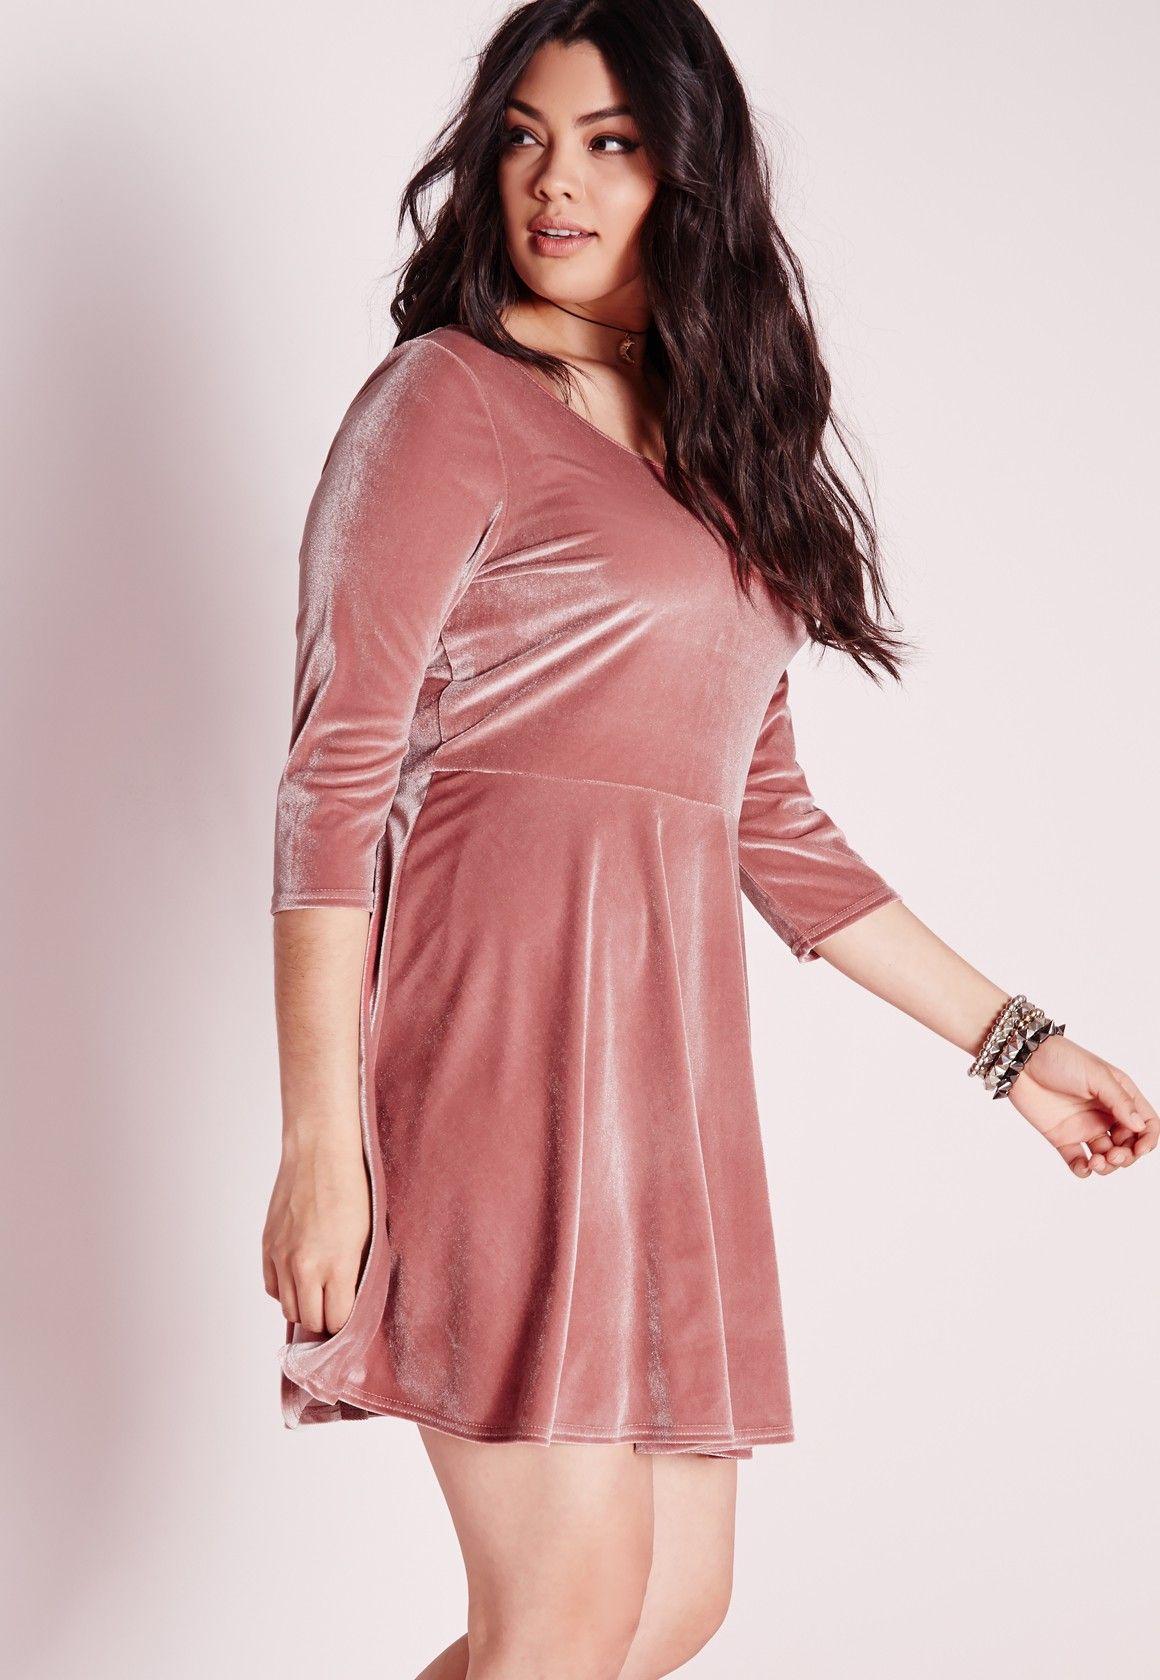 Missguided - Plus Size Velvet Skater Dress Pink | Valley Girl ...